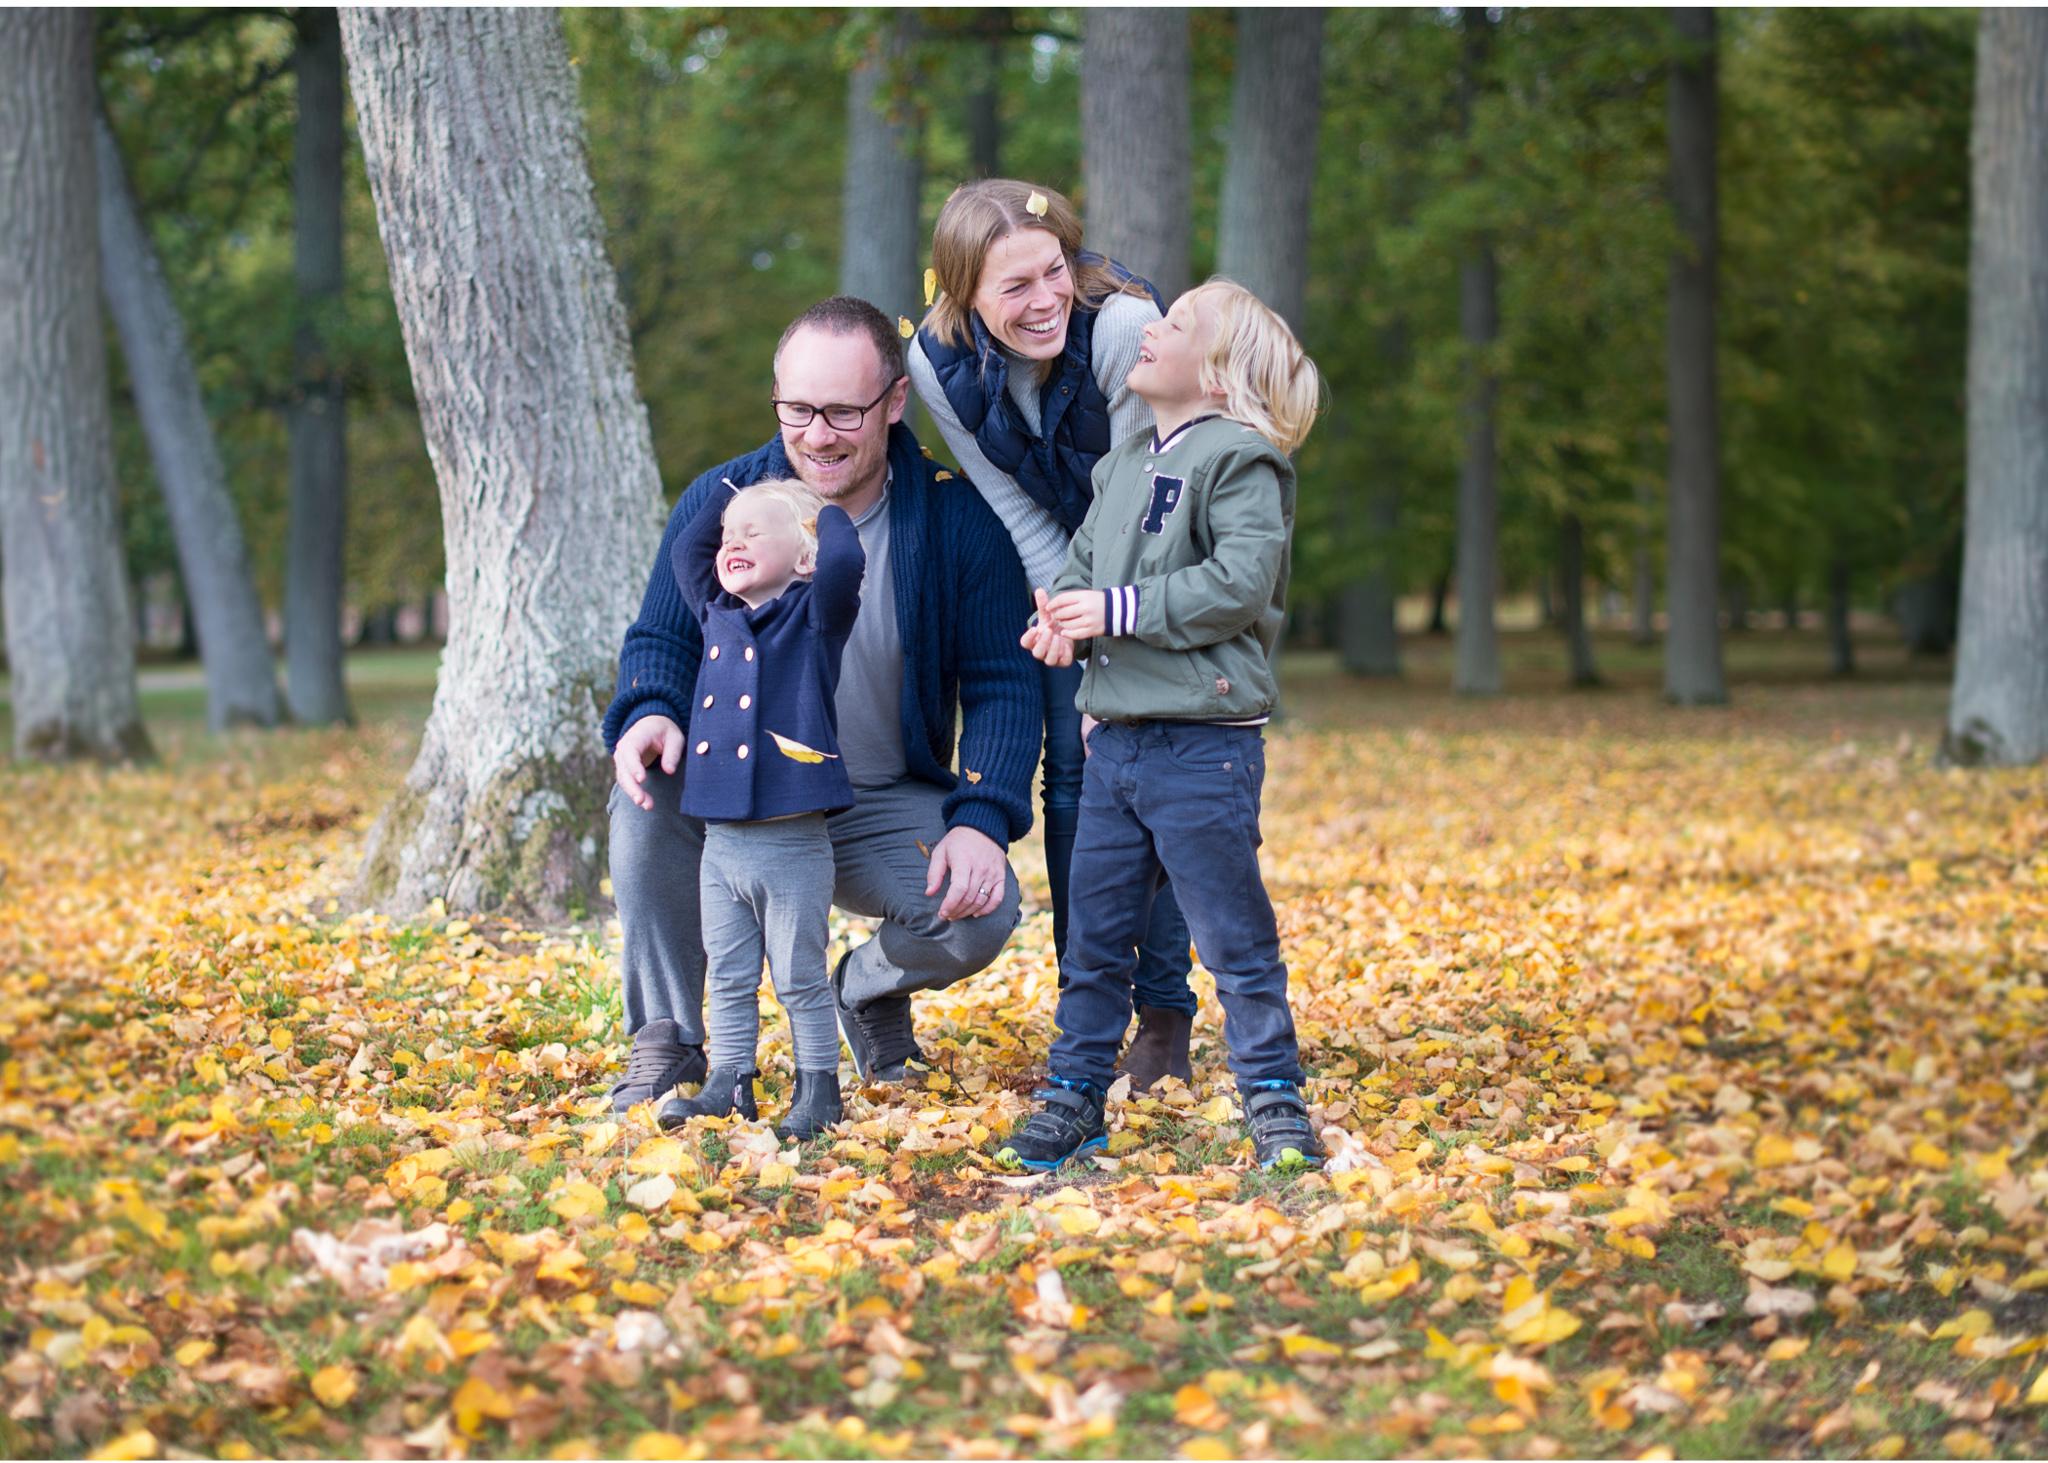 Familjefotografering Drottningholms slott - fotograf Erika Aminoff